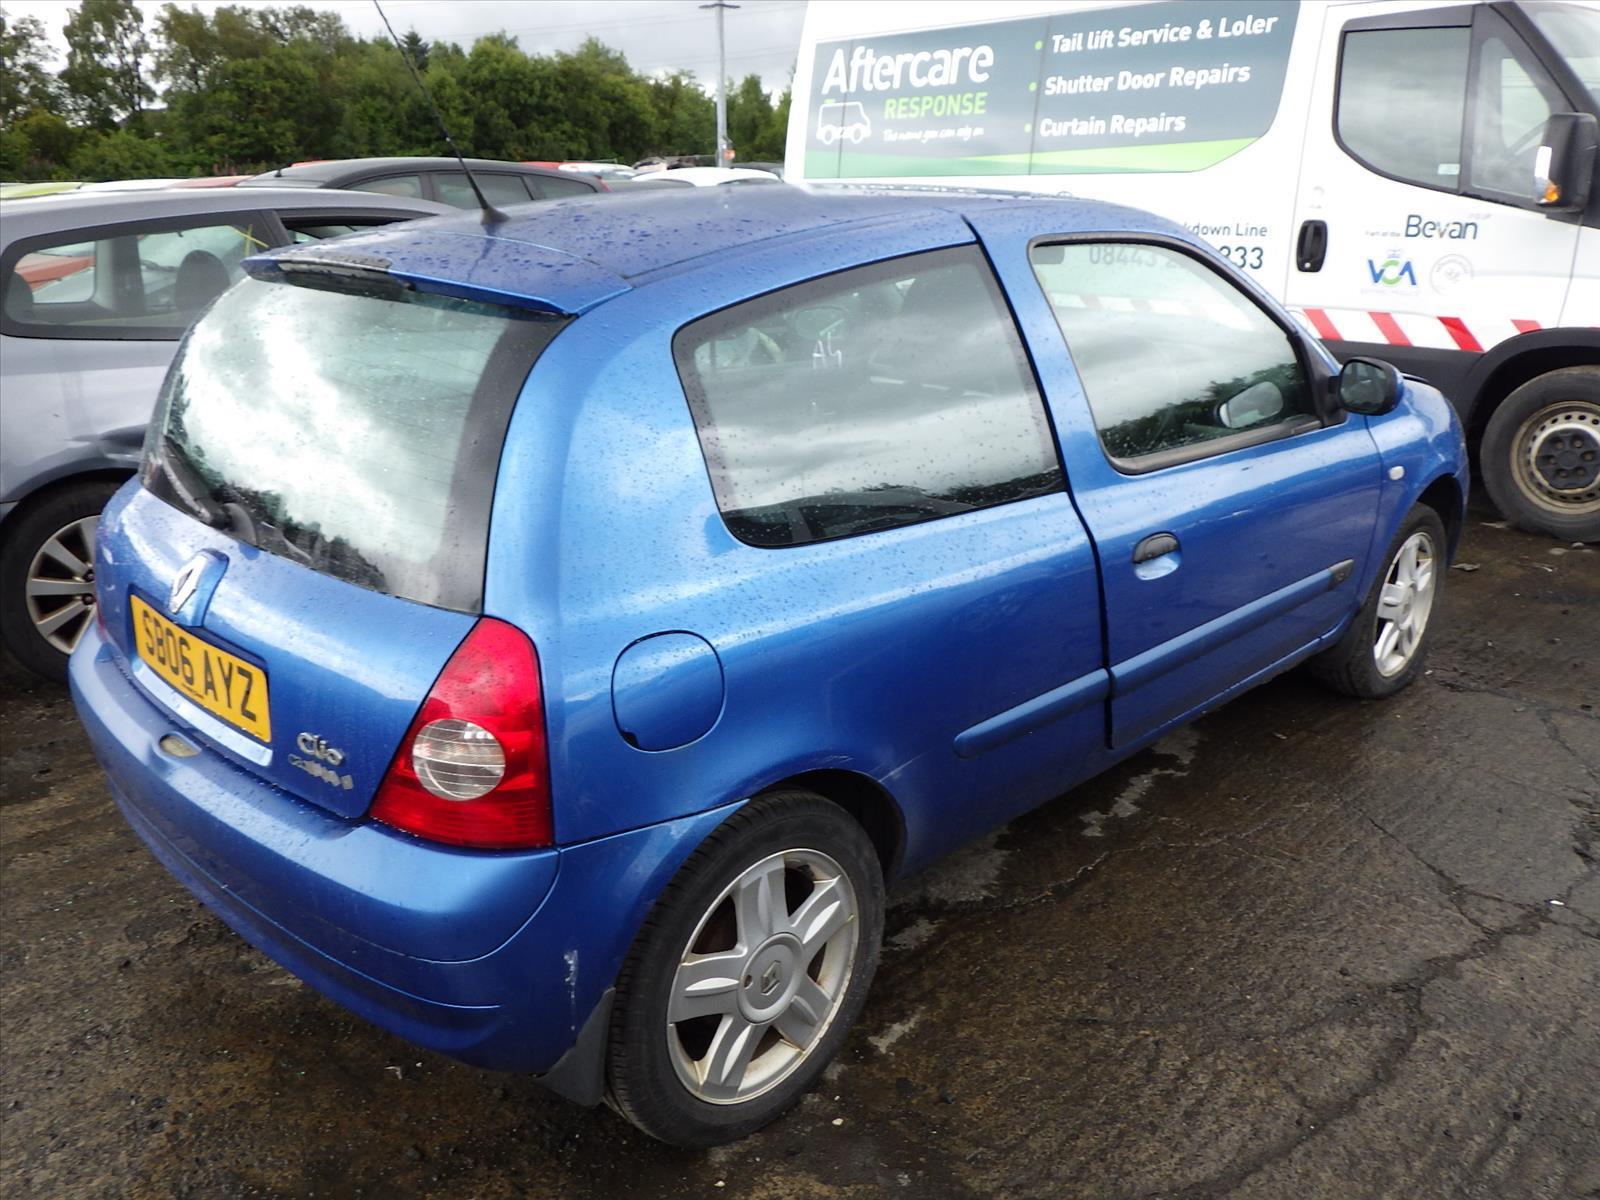 2006 renault clio 2001 to 2007 3 door hatchback petrol manual rh scbvehicledismantlers co uk renault clio 2 manual renault clio 2 manual